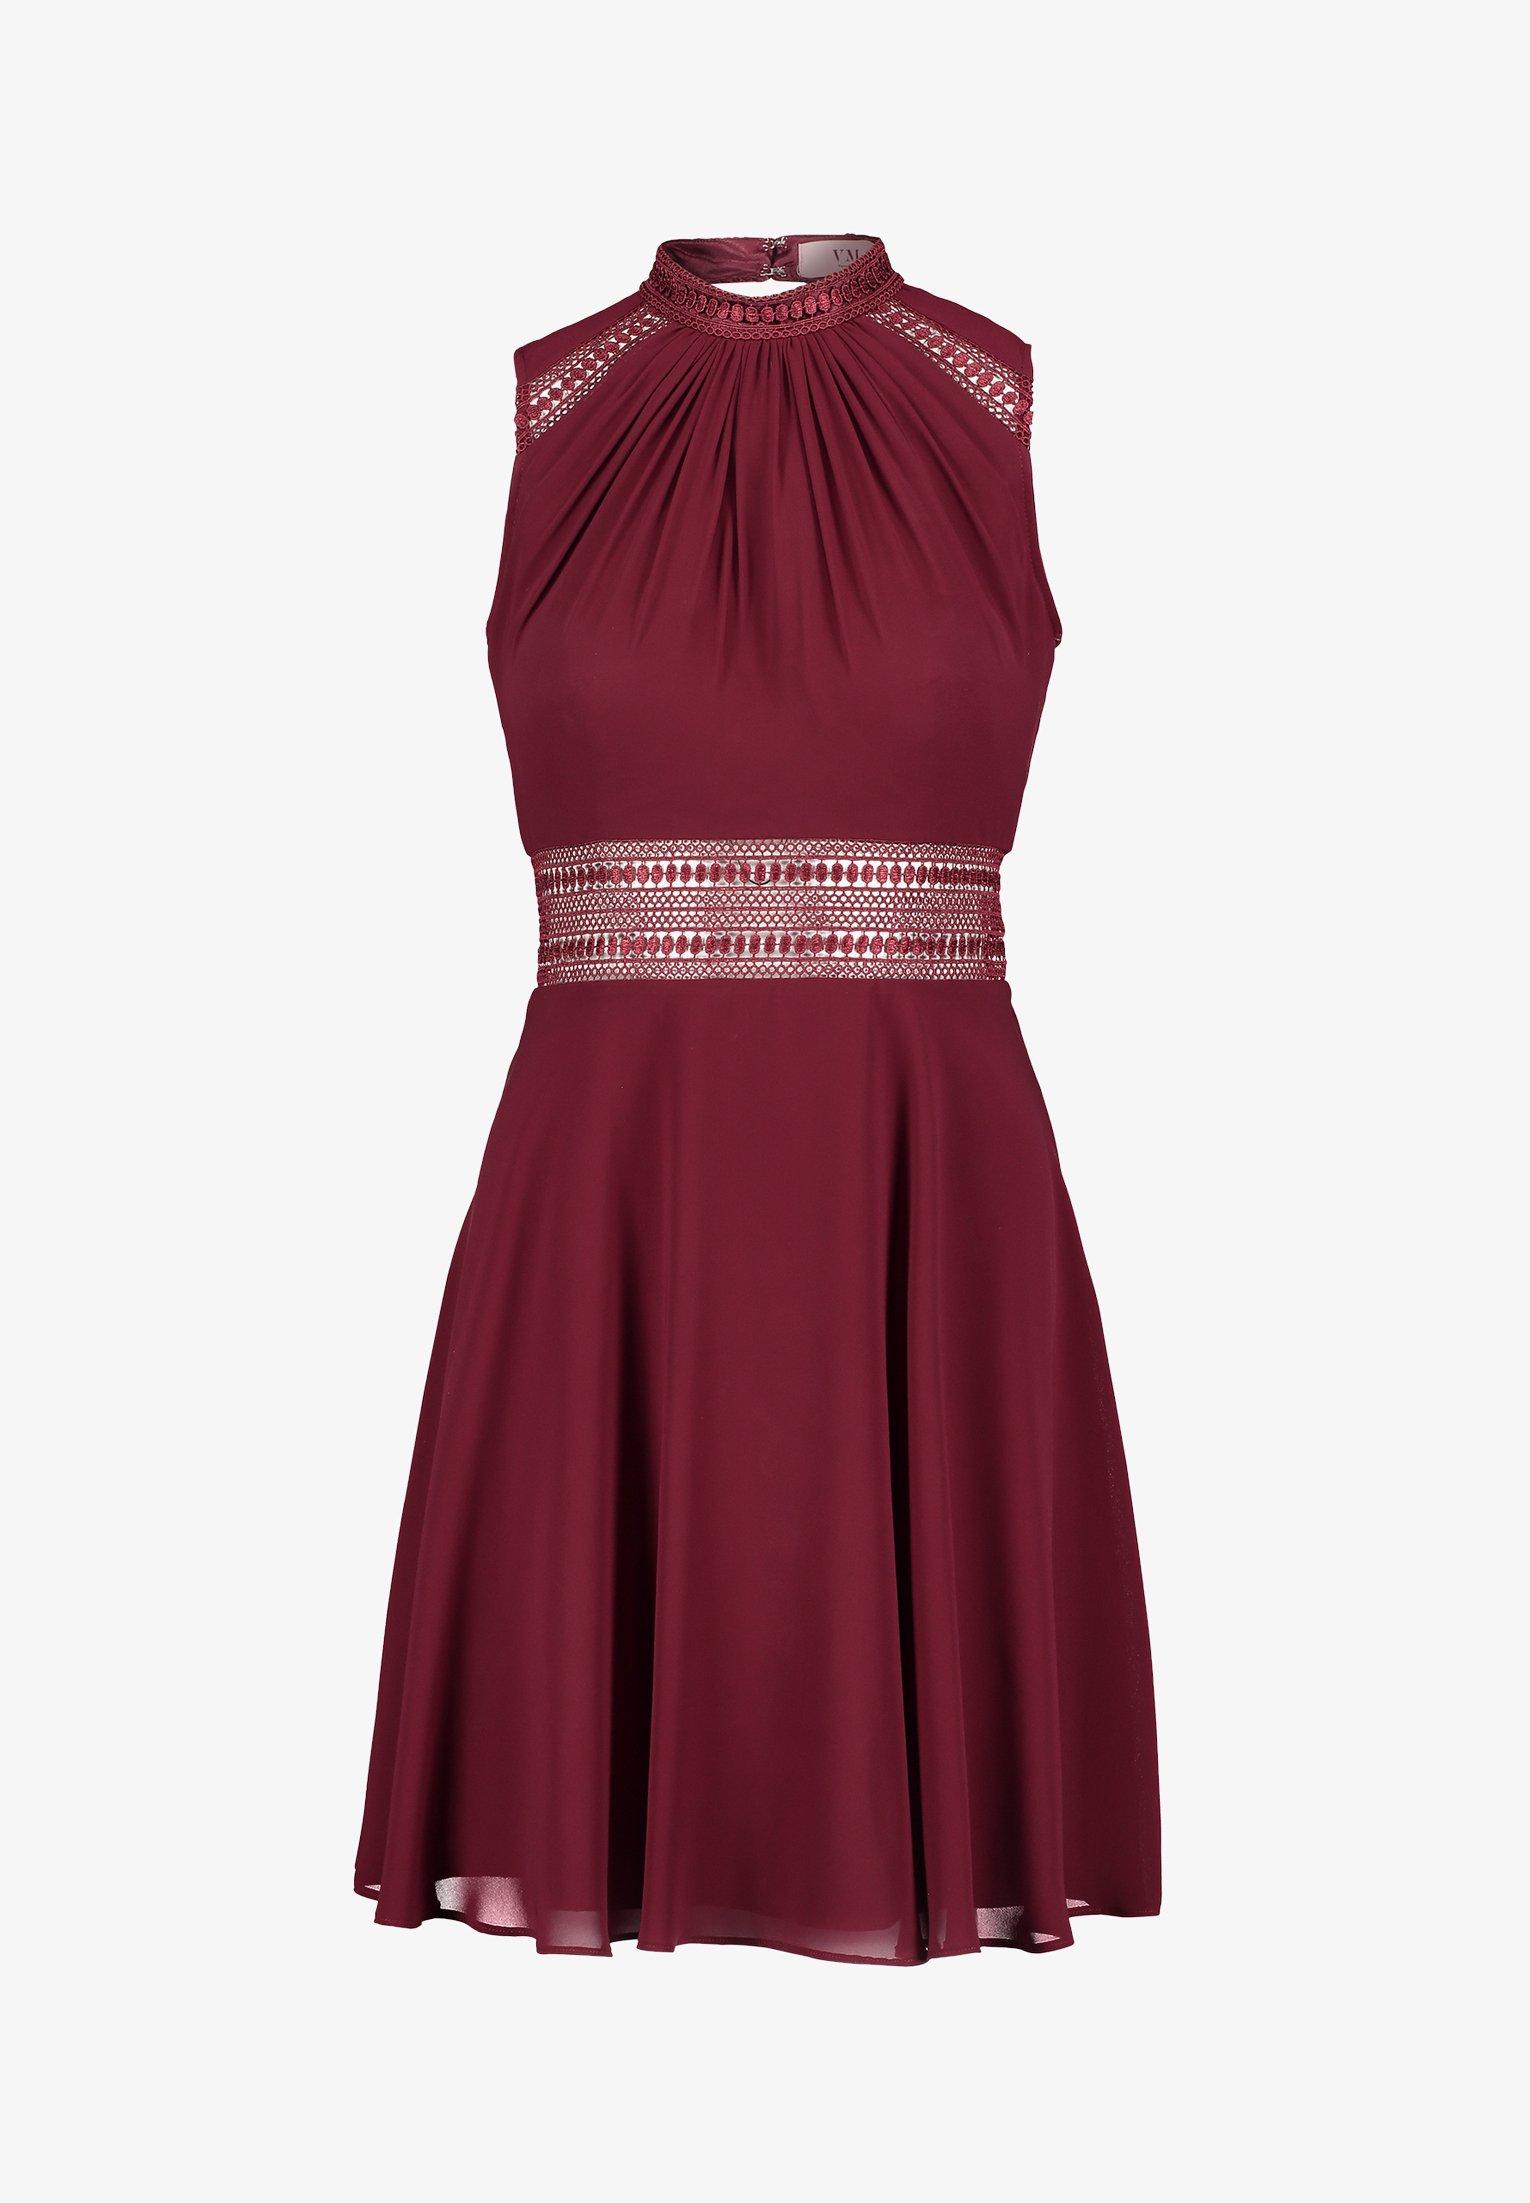 Cocktailkleid/festliches Kleid - carmine red